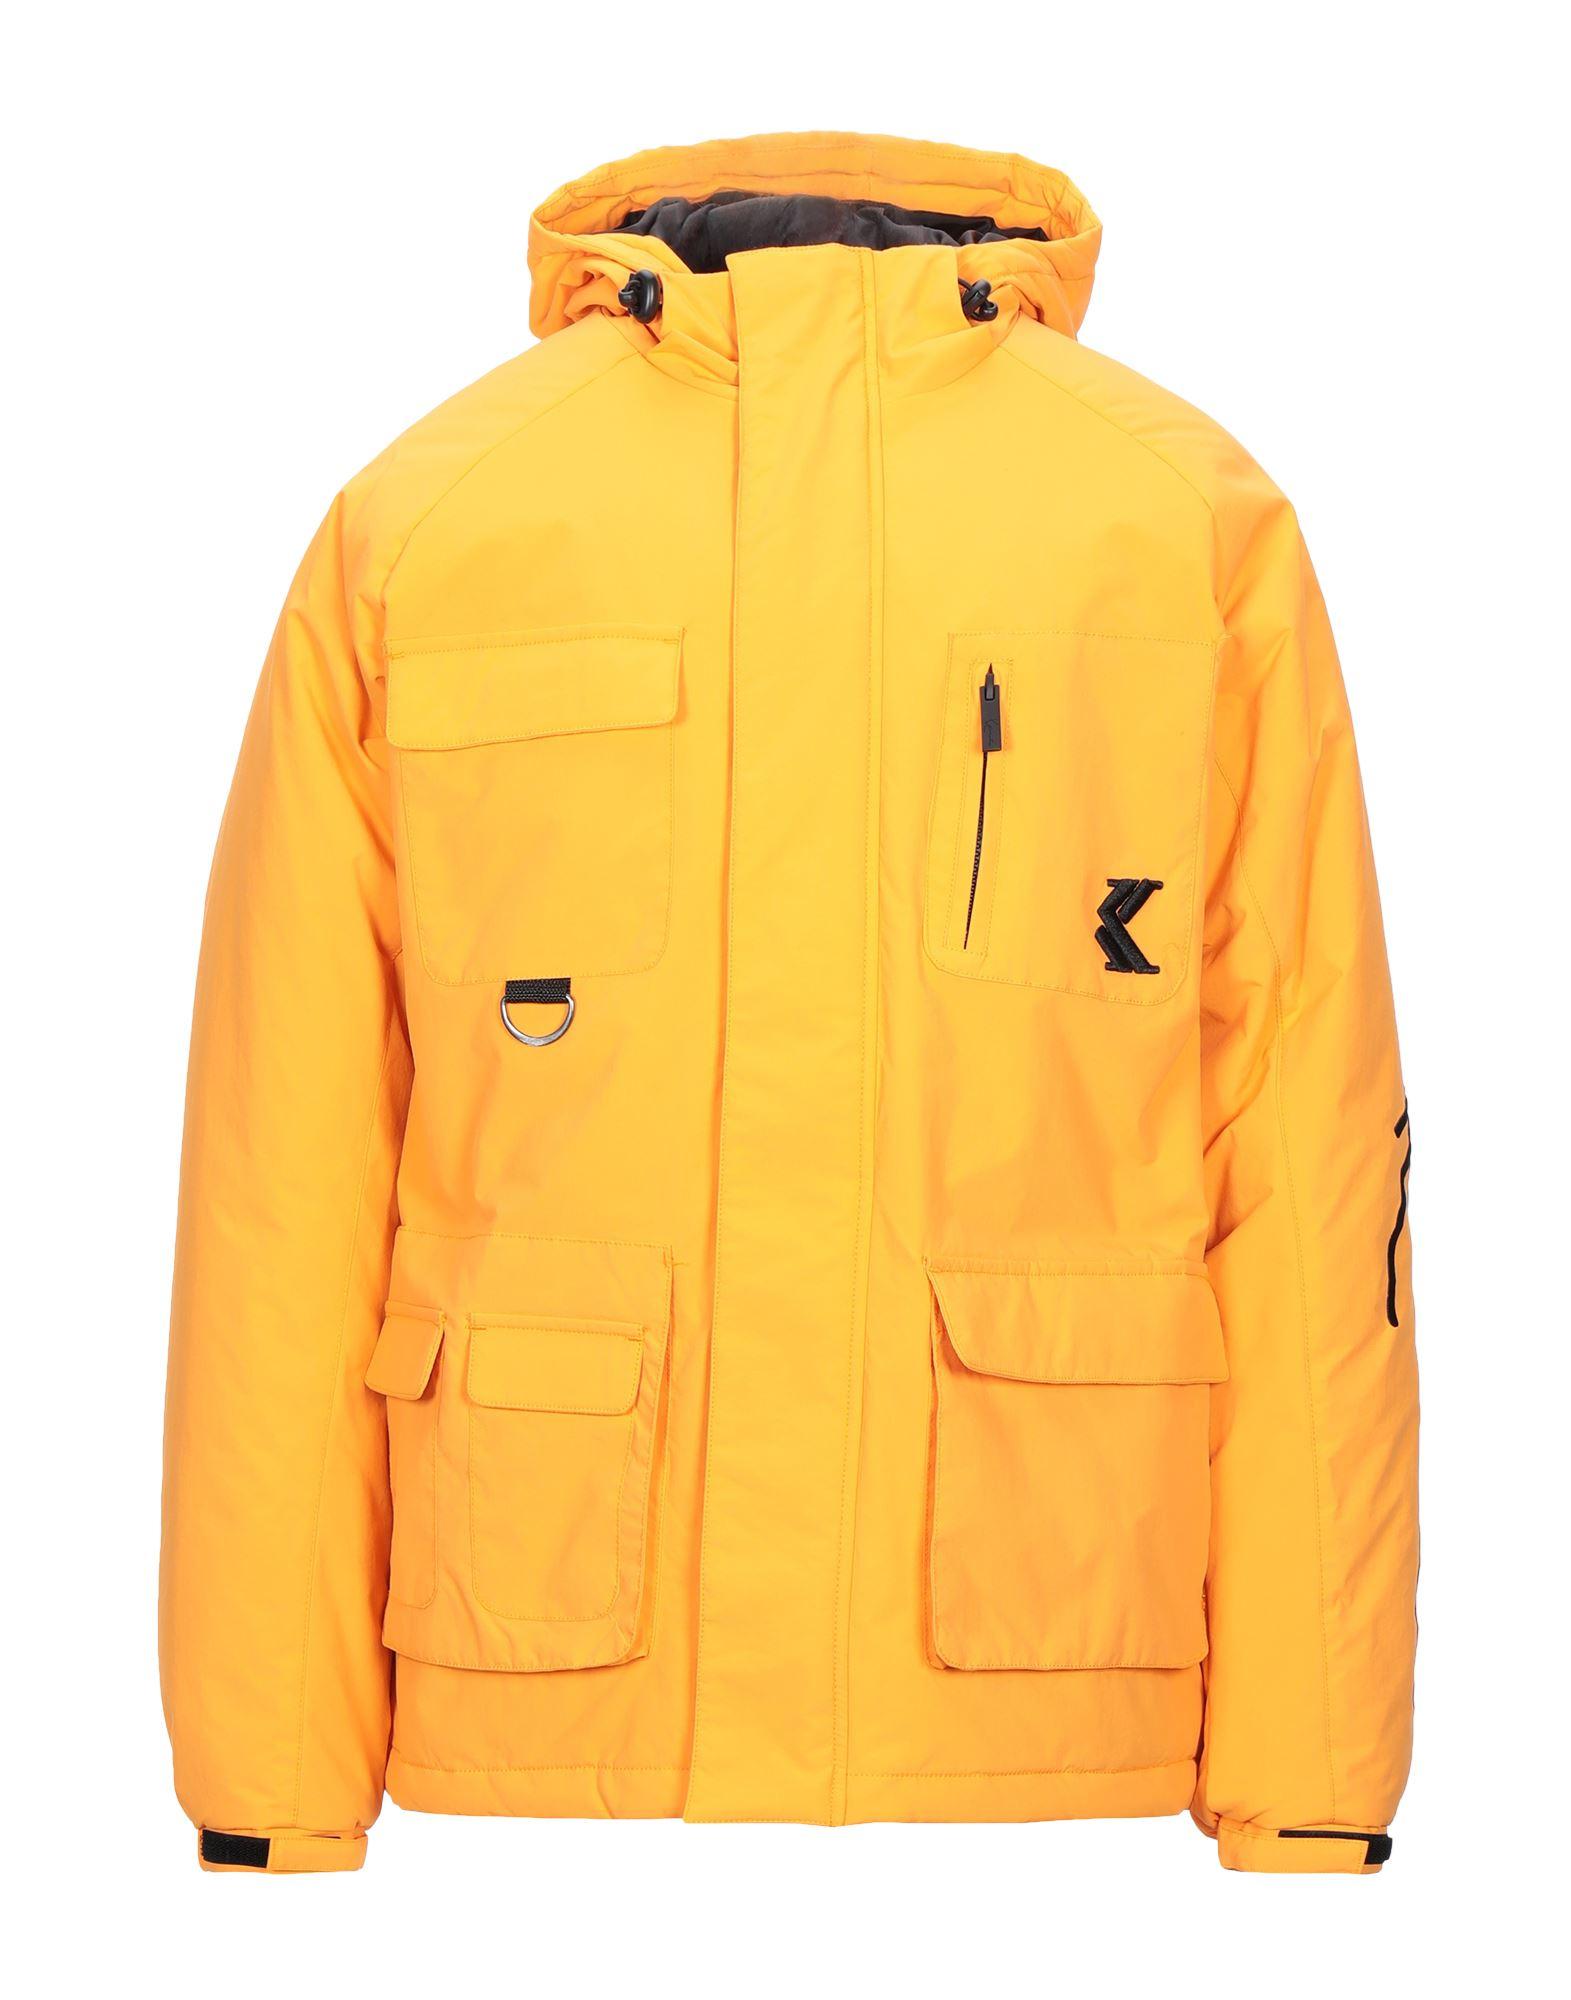 《セール開催中》KARL KANI メンズ ブルゾン オレンジ S ナイロン 100%